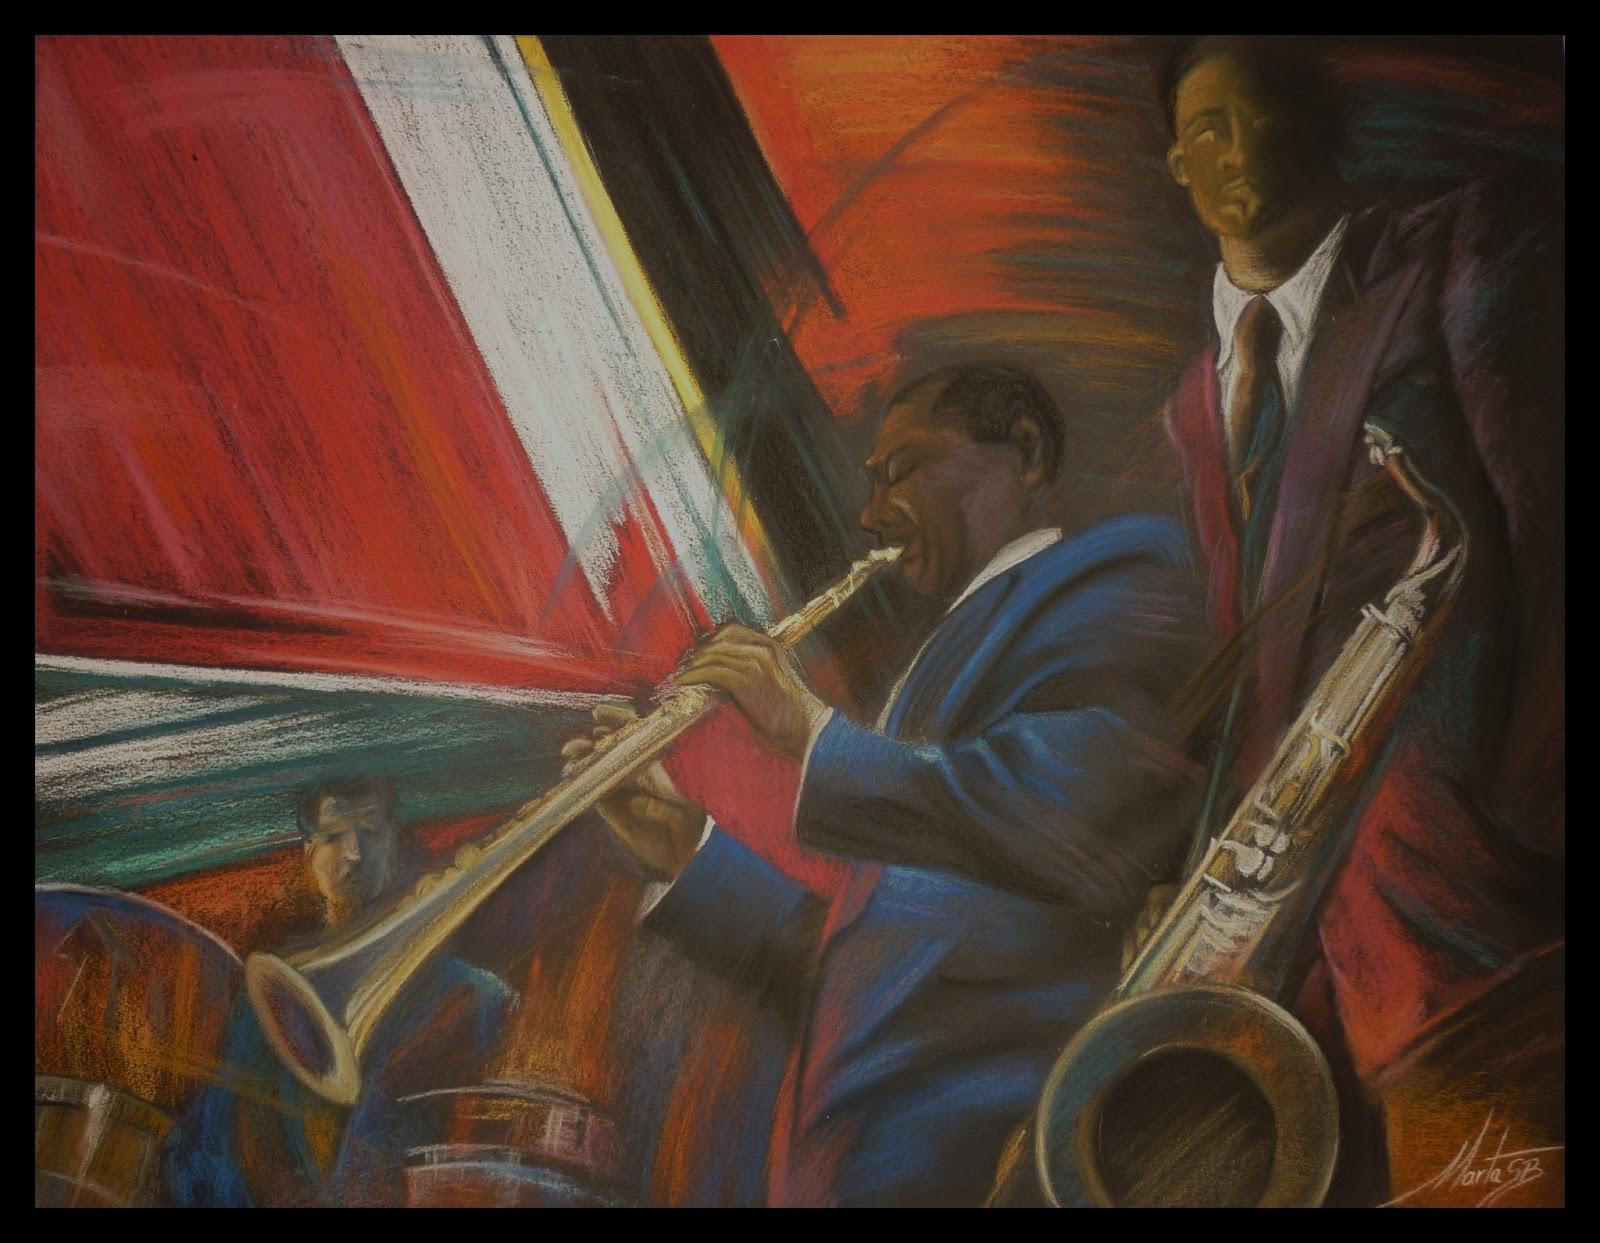 Jazz Music es un cuadro pintado por MartaSb con pinturas pastel